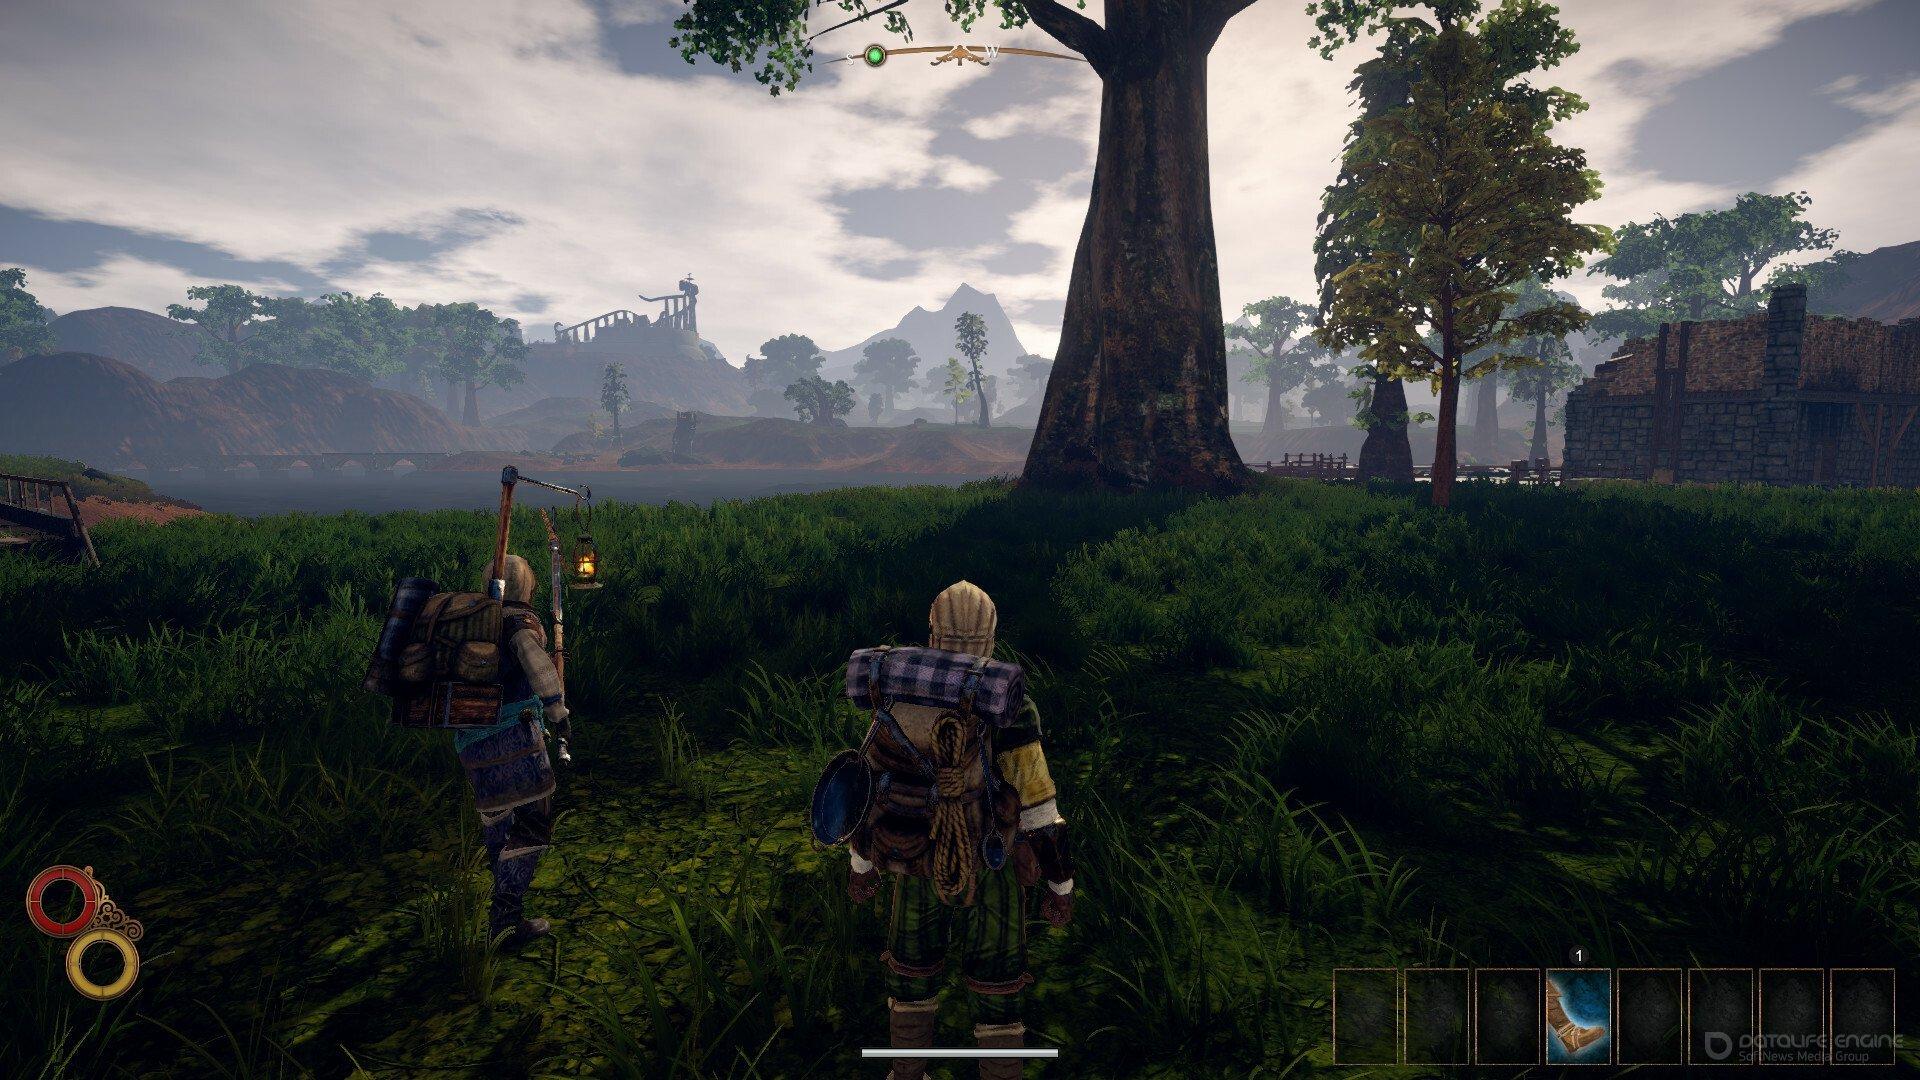 Скриншот к игре Outward v.1.3.4 [GOG] (2019) скачать торрент Лицензия